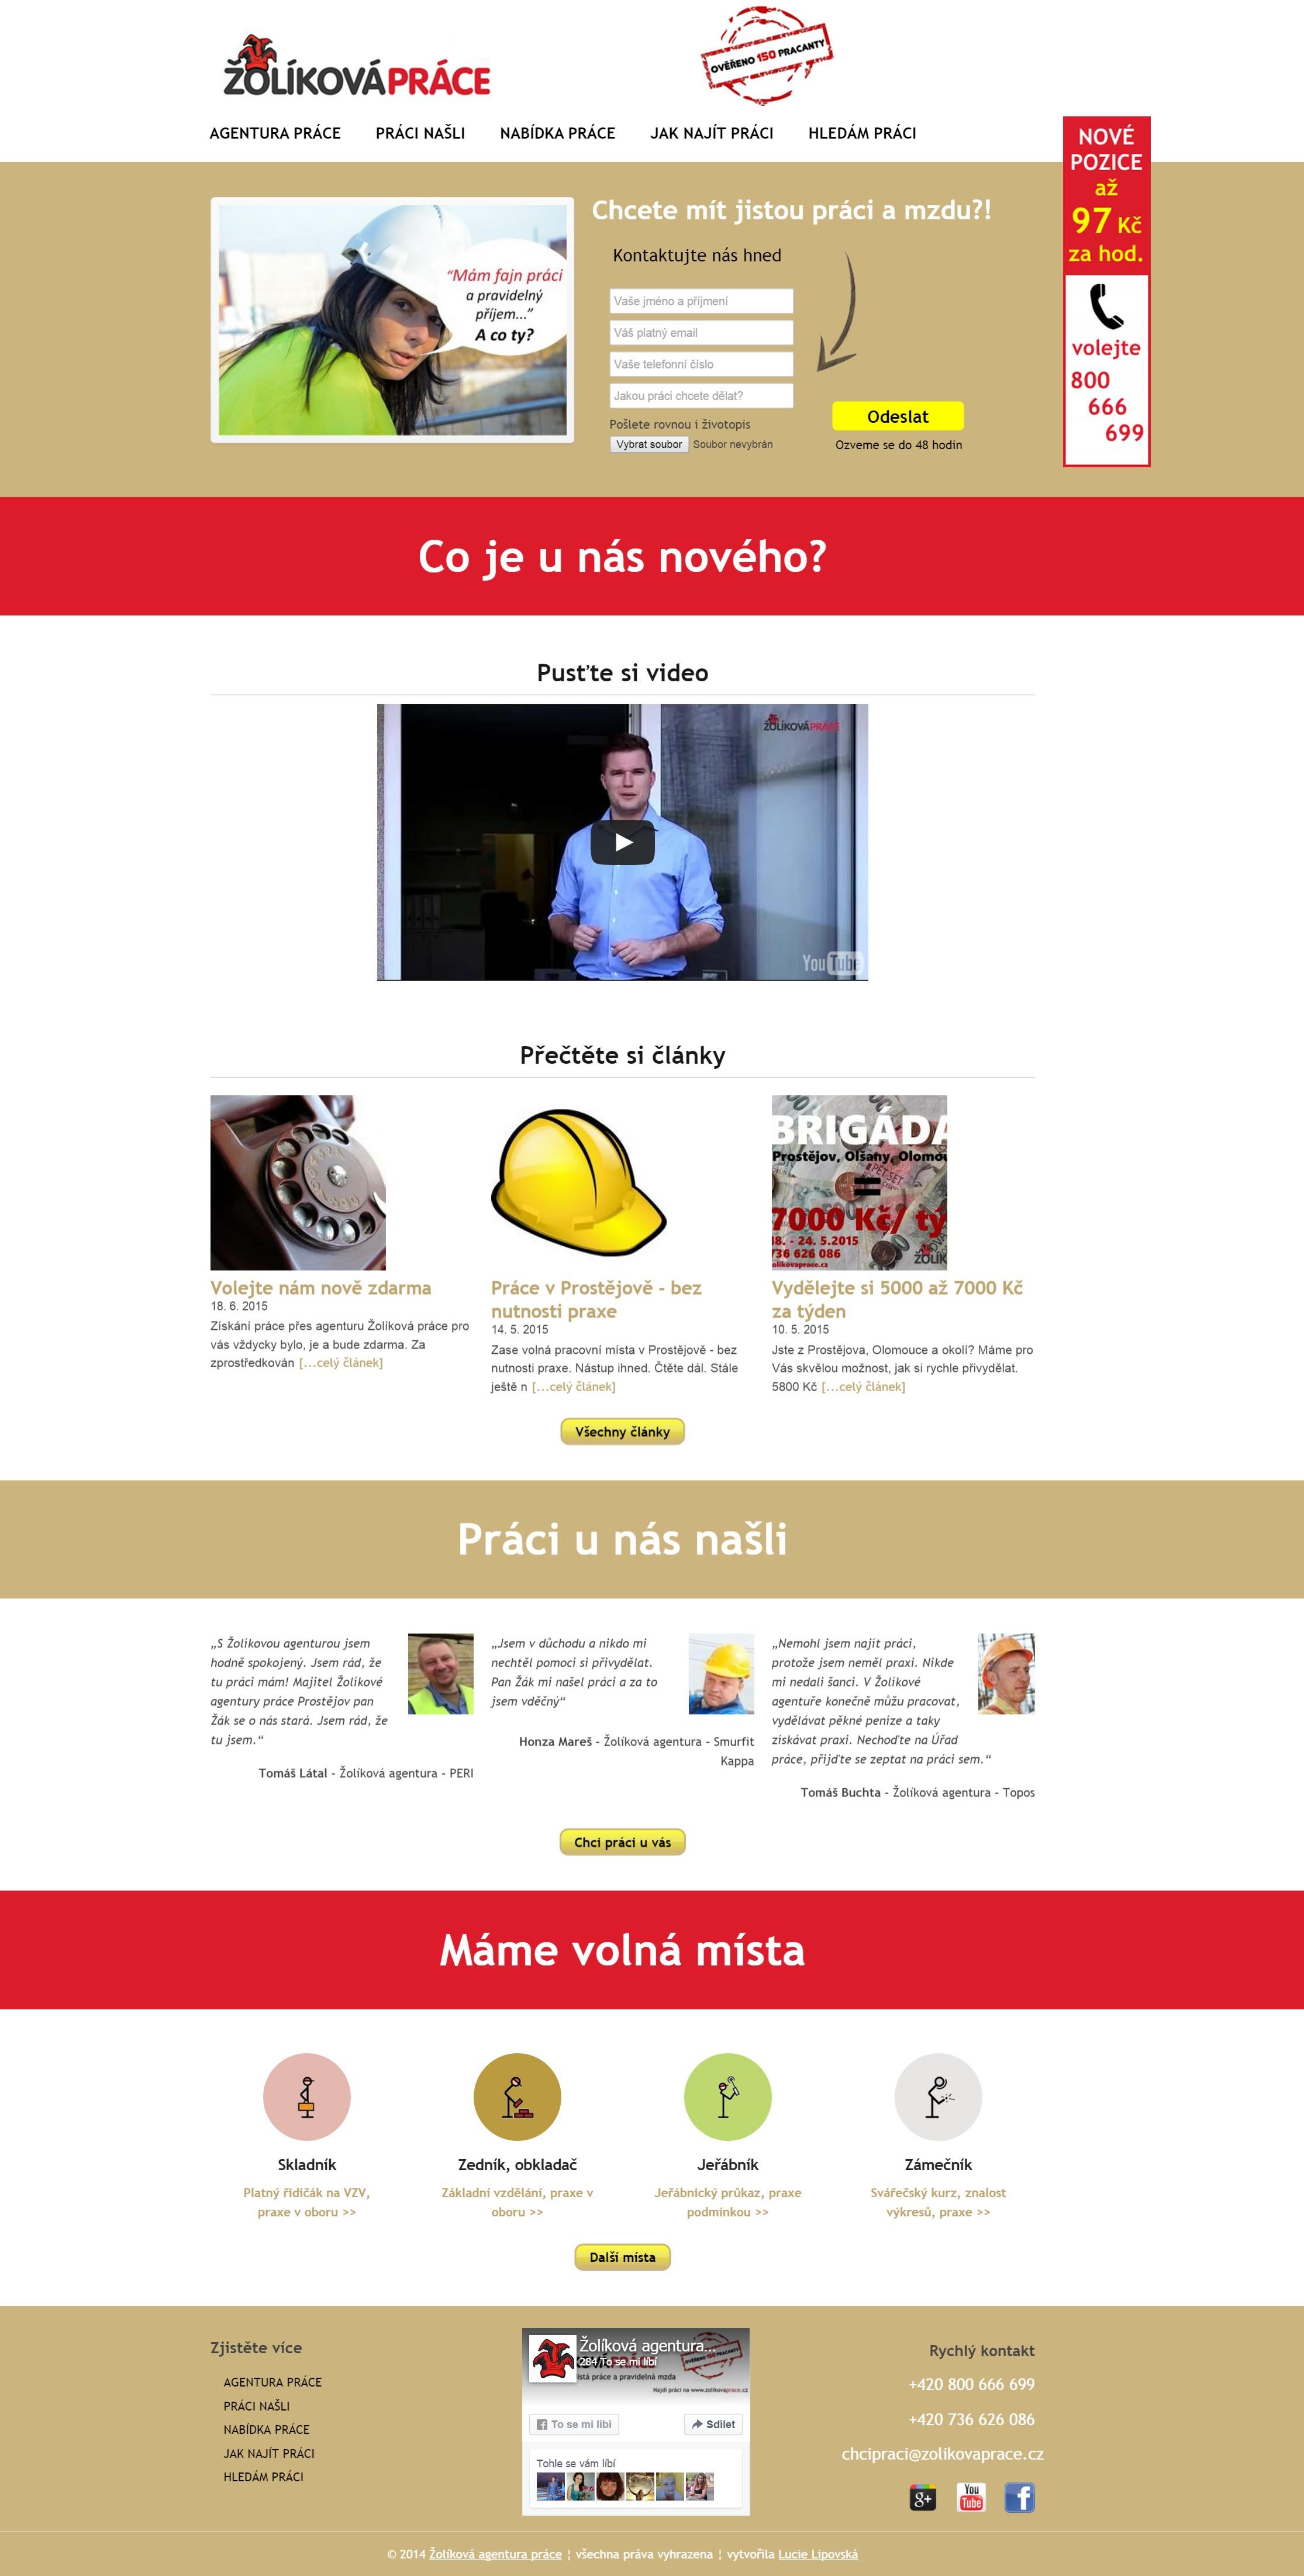 Kompletní úvodní stránka ZolikovaPrace.cz